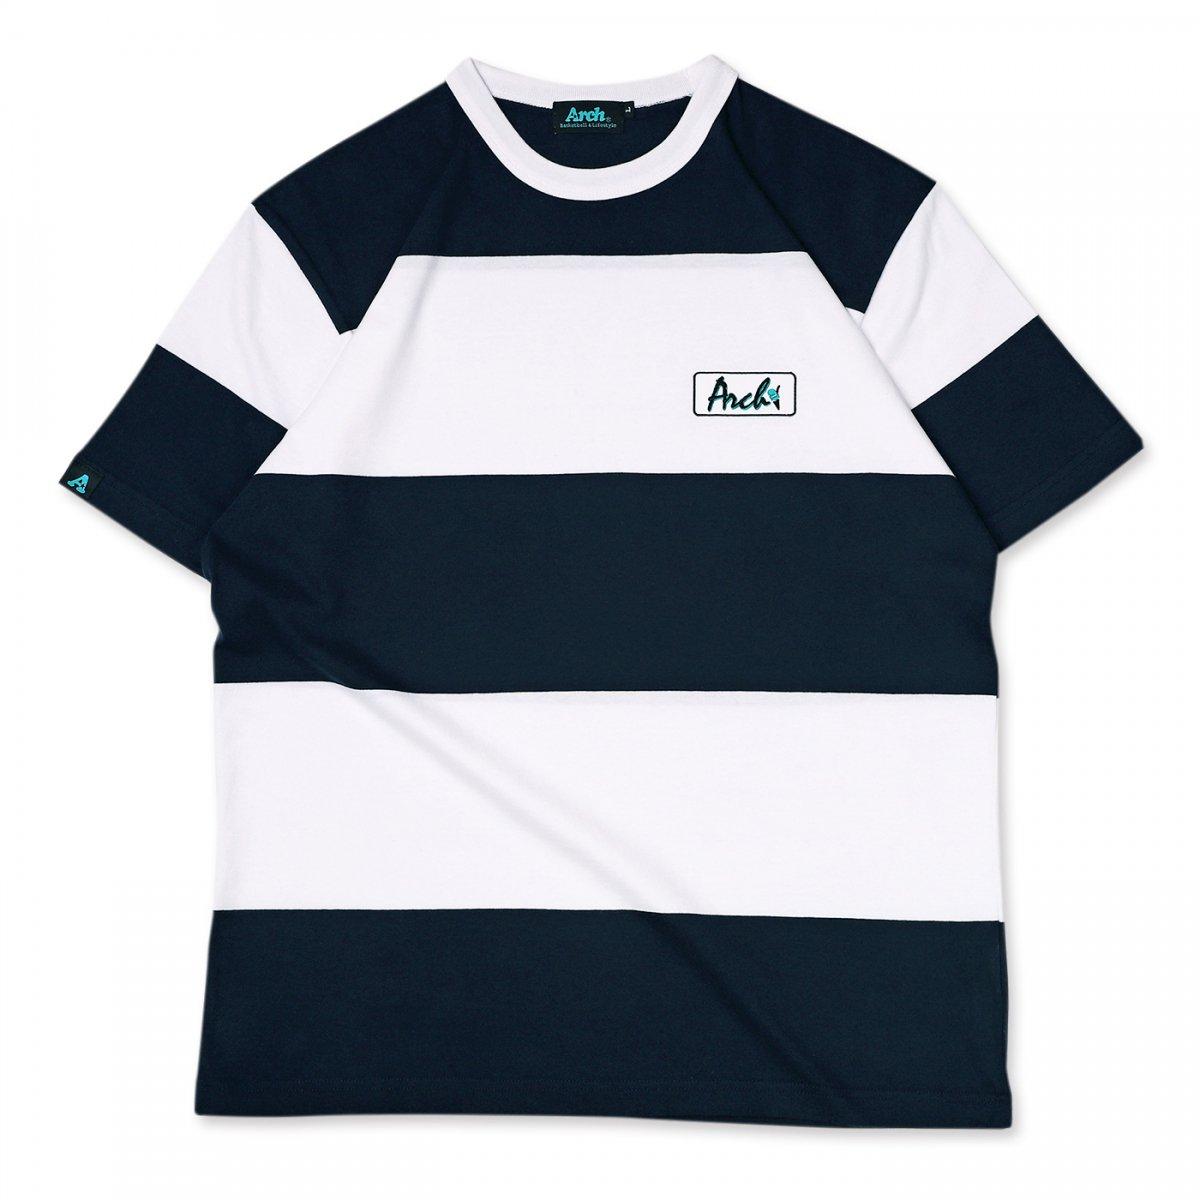 ボーダー Tシャツ ネイビー/ホワイト